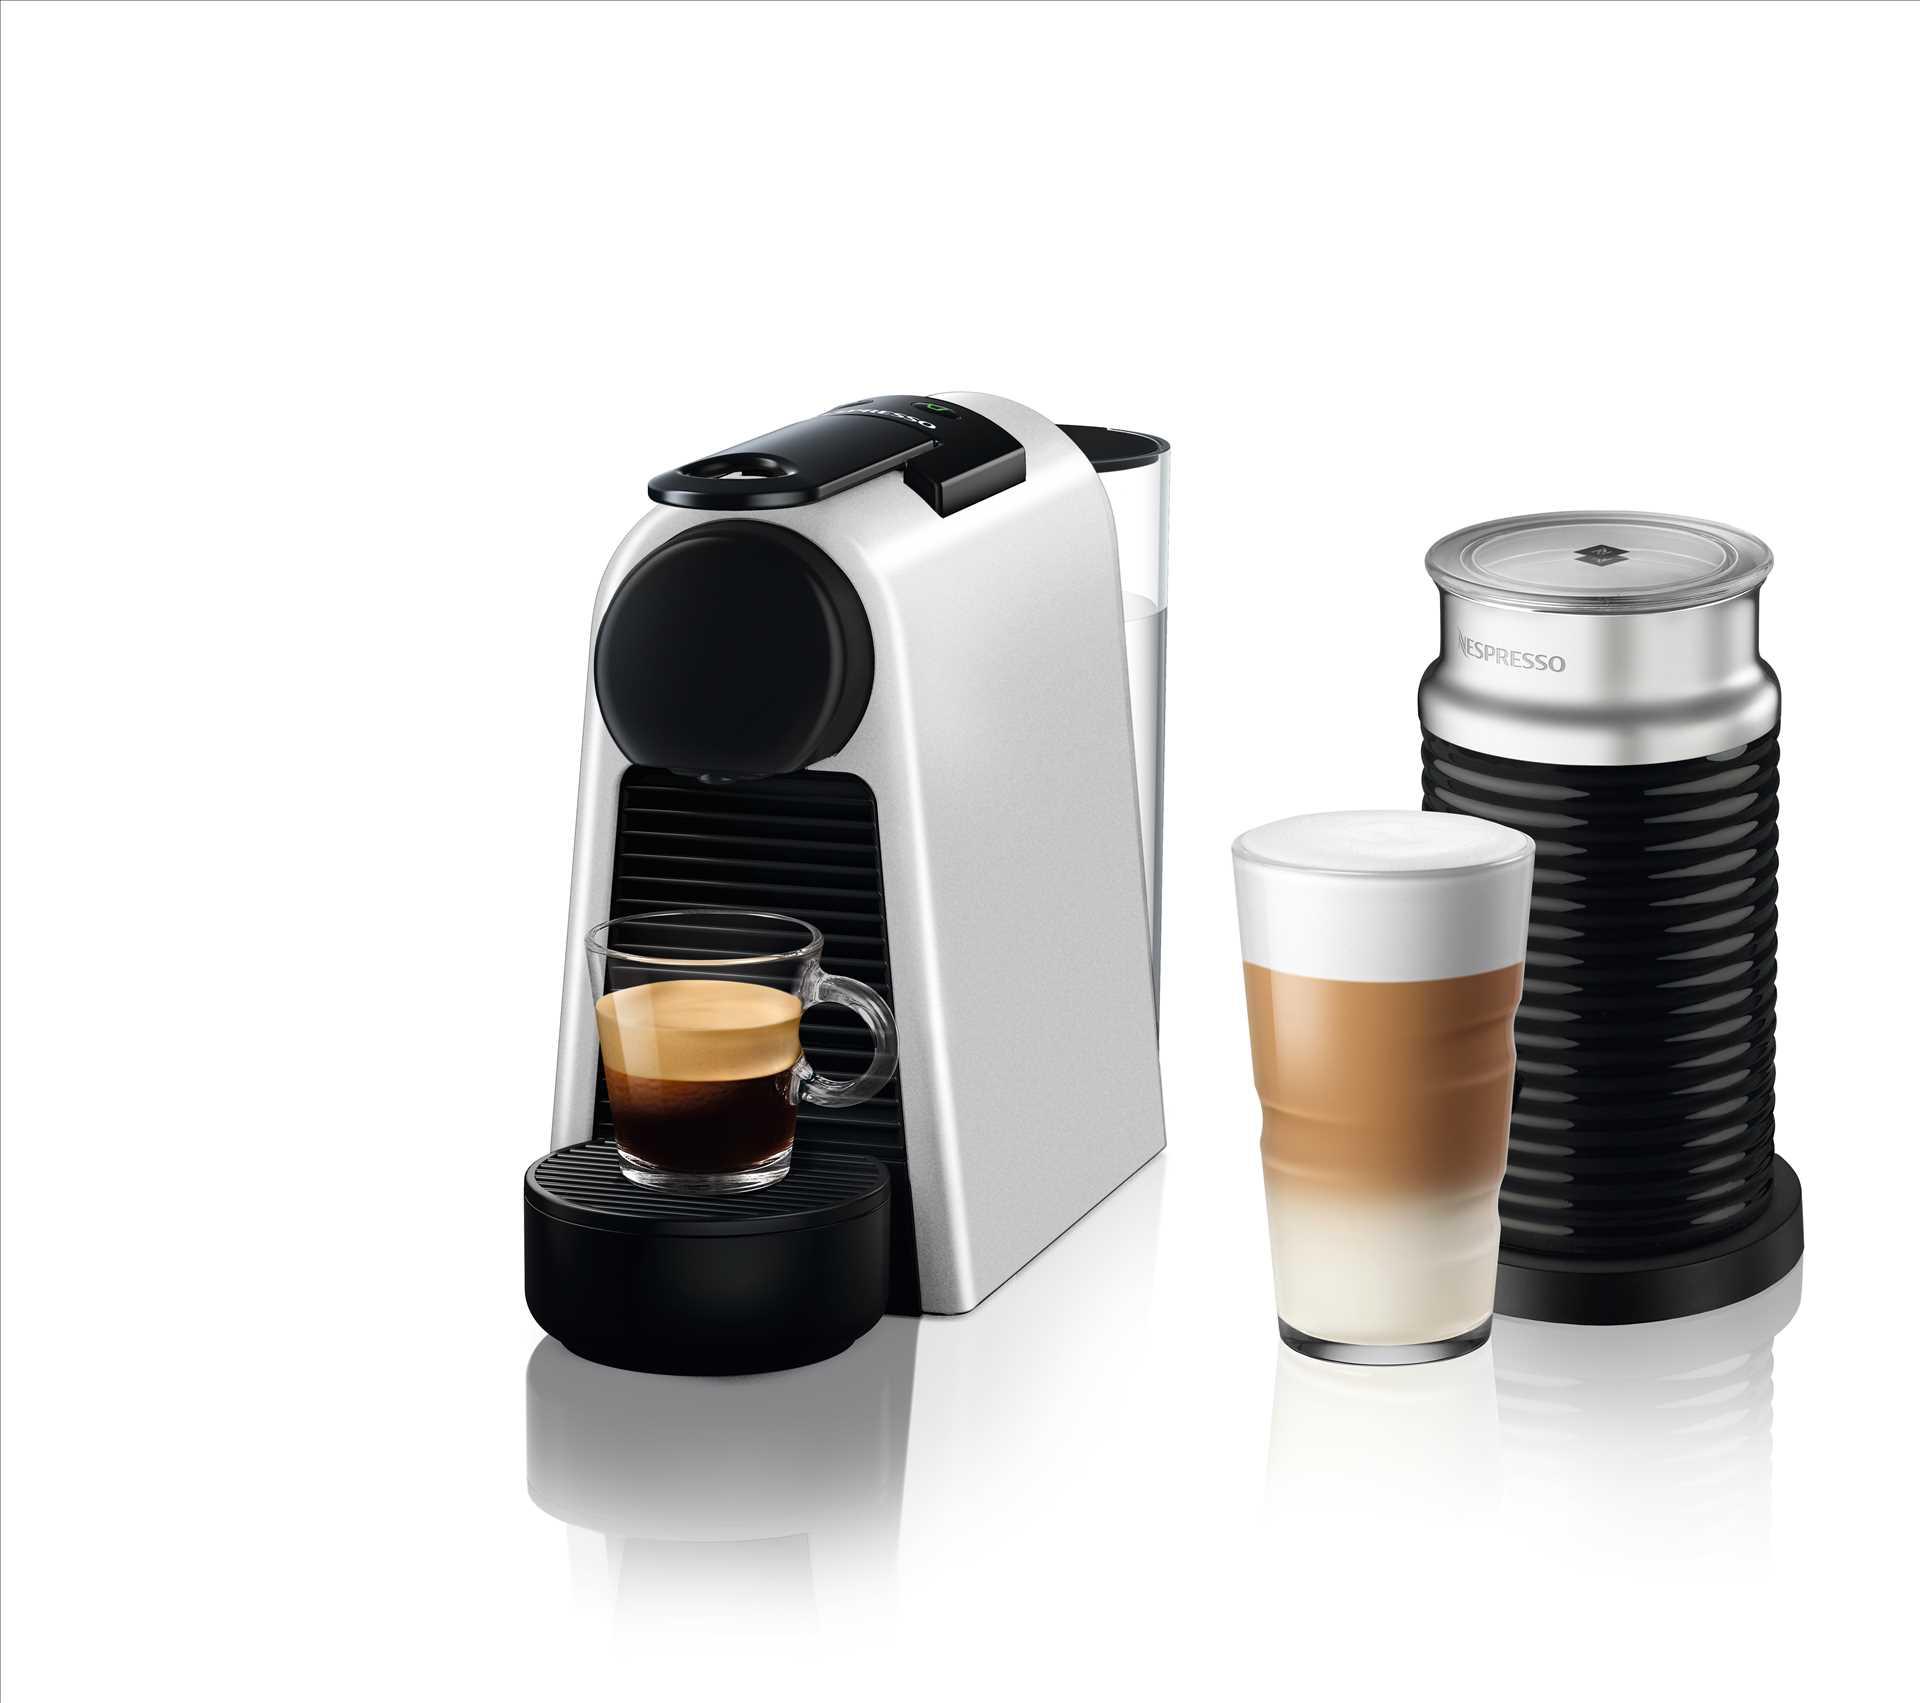 מכונת אספרסו Nespresso Essenza Mini D30 נספרסו בגוון כסוף מט (מהדורה מוגבלת) כולל מקציף חלב ארוצ'ינו - תמונה 1